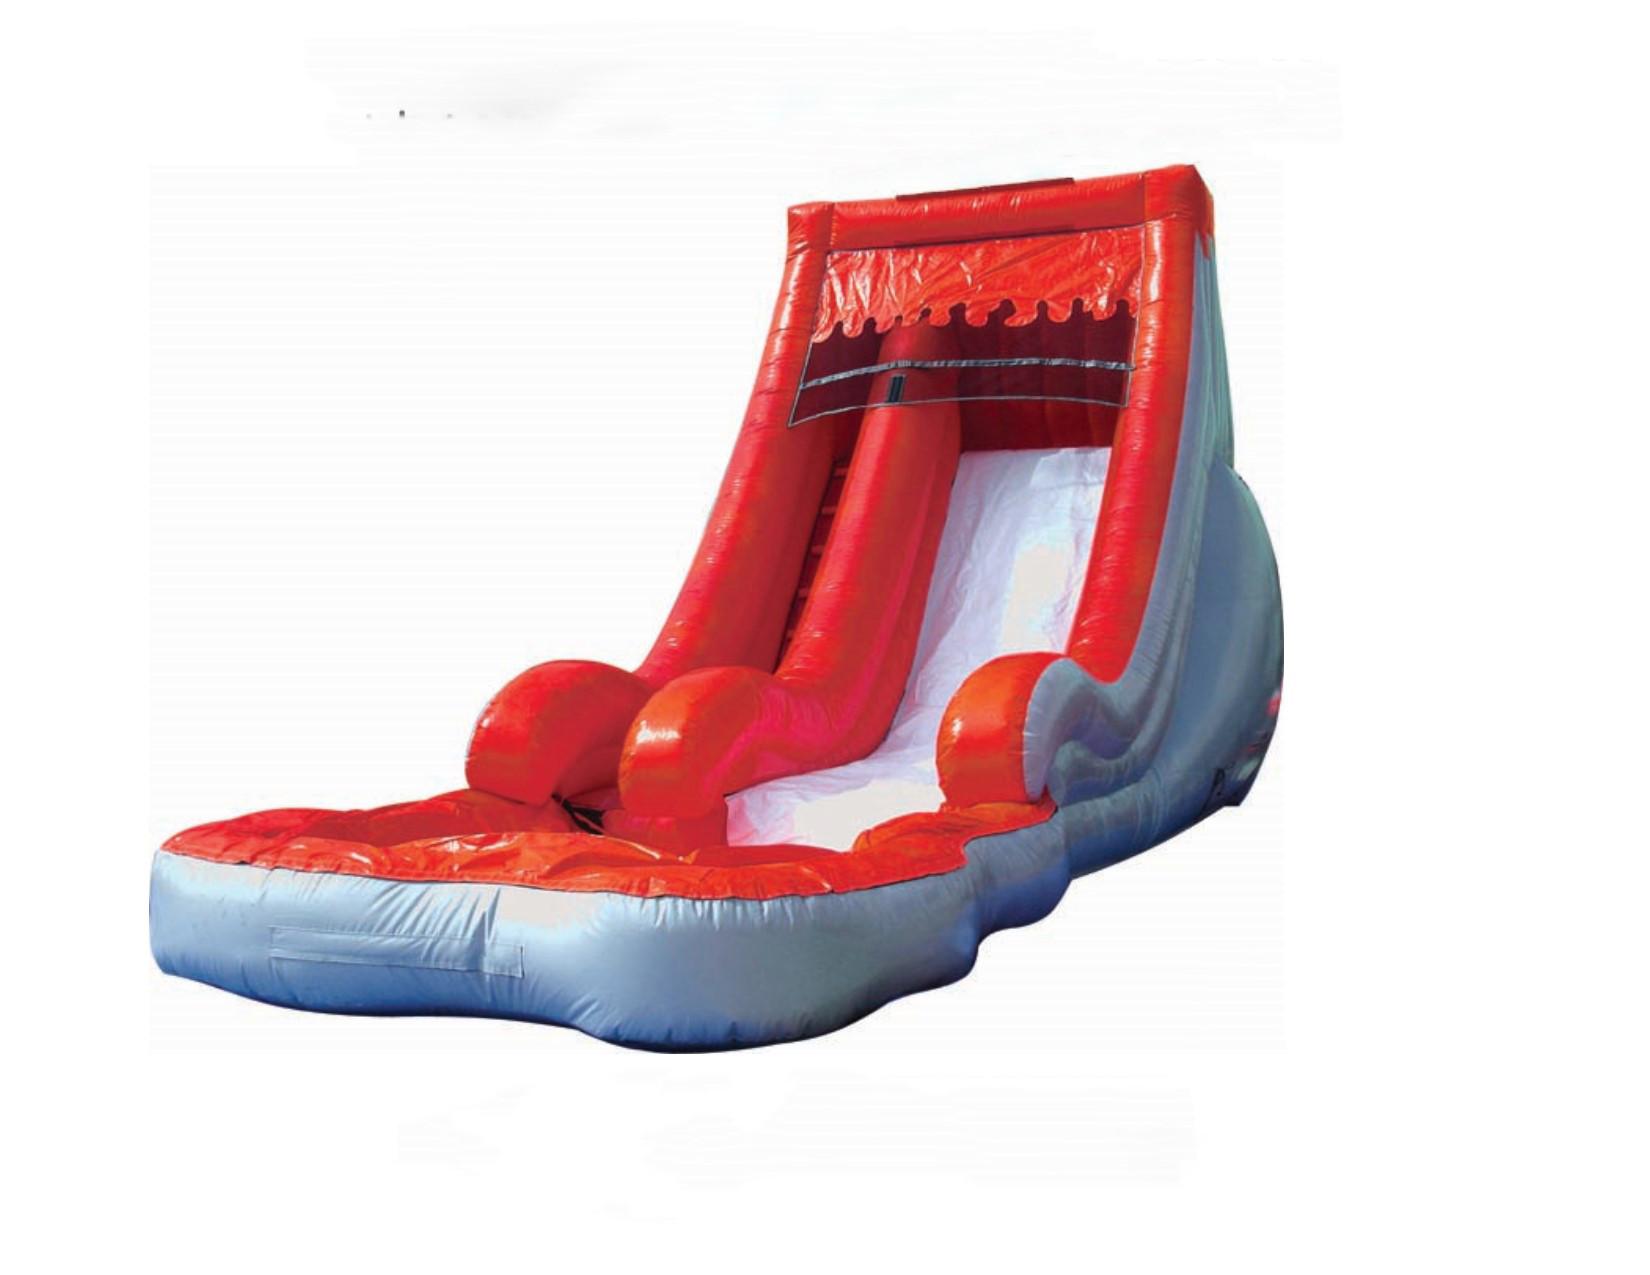 Volcano Slide Pool